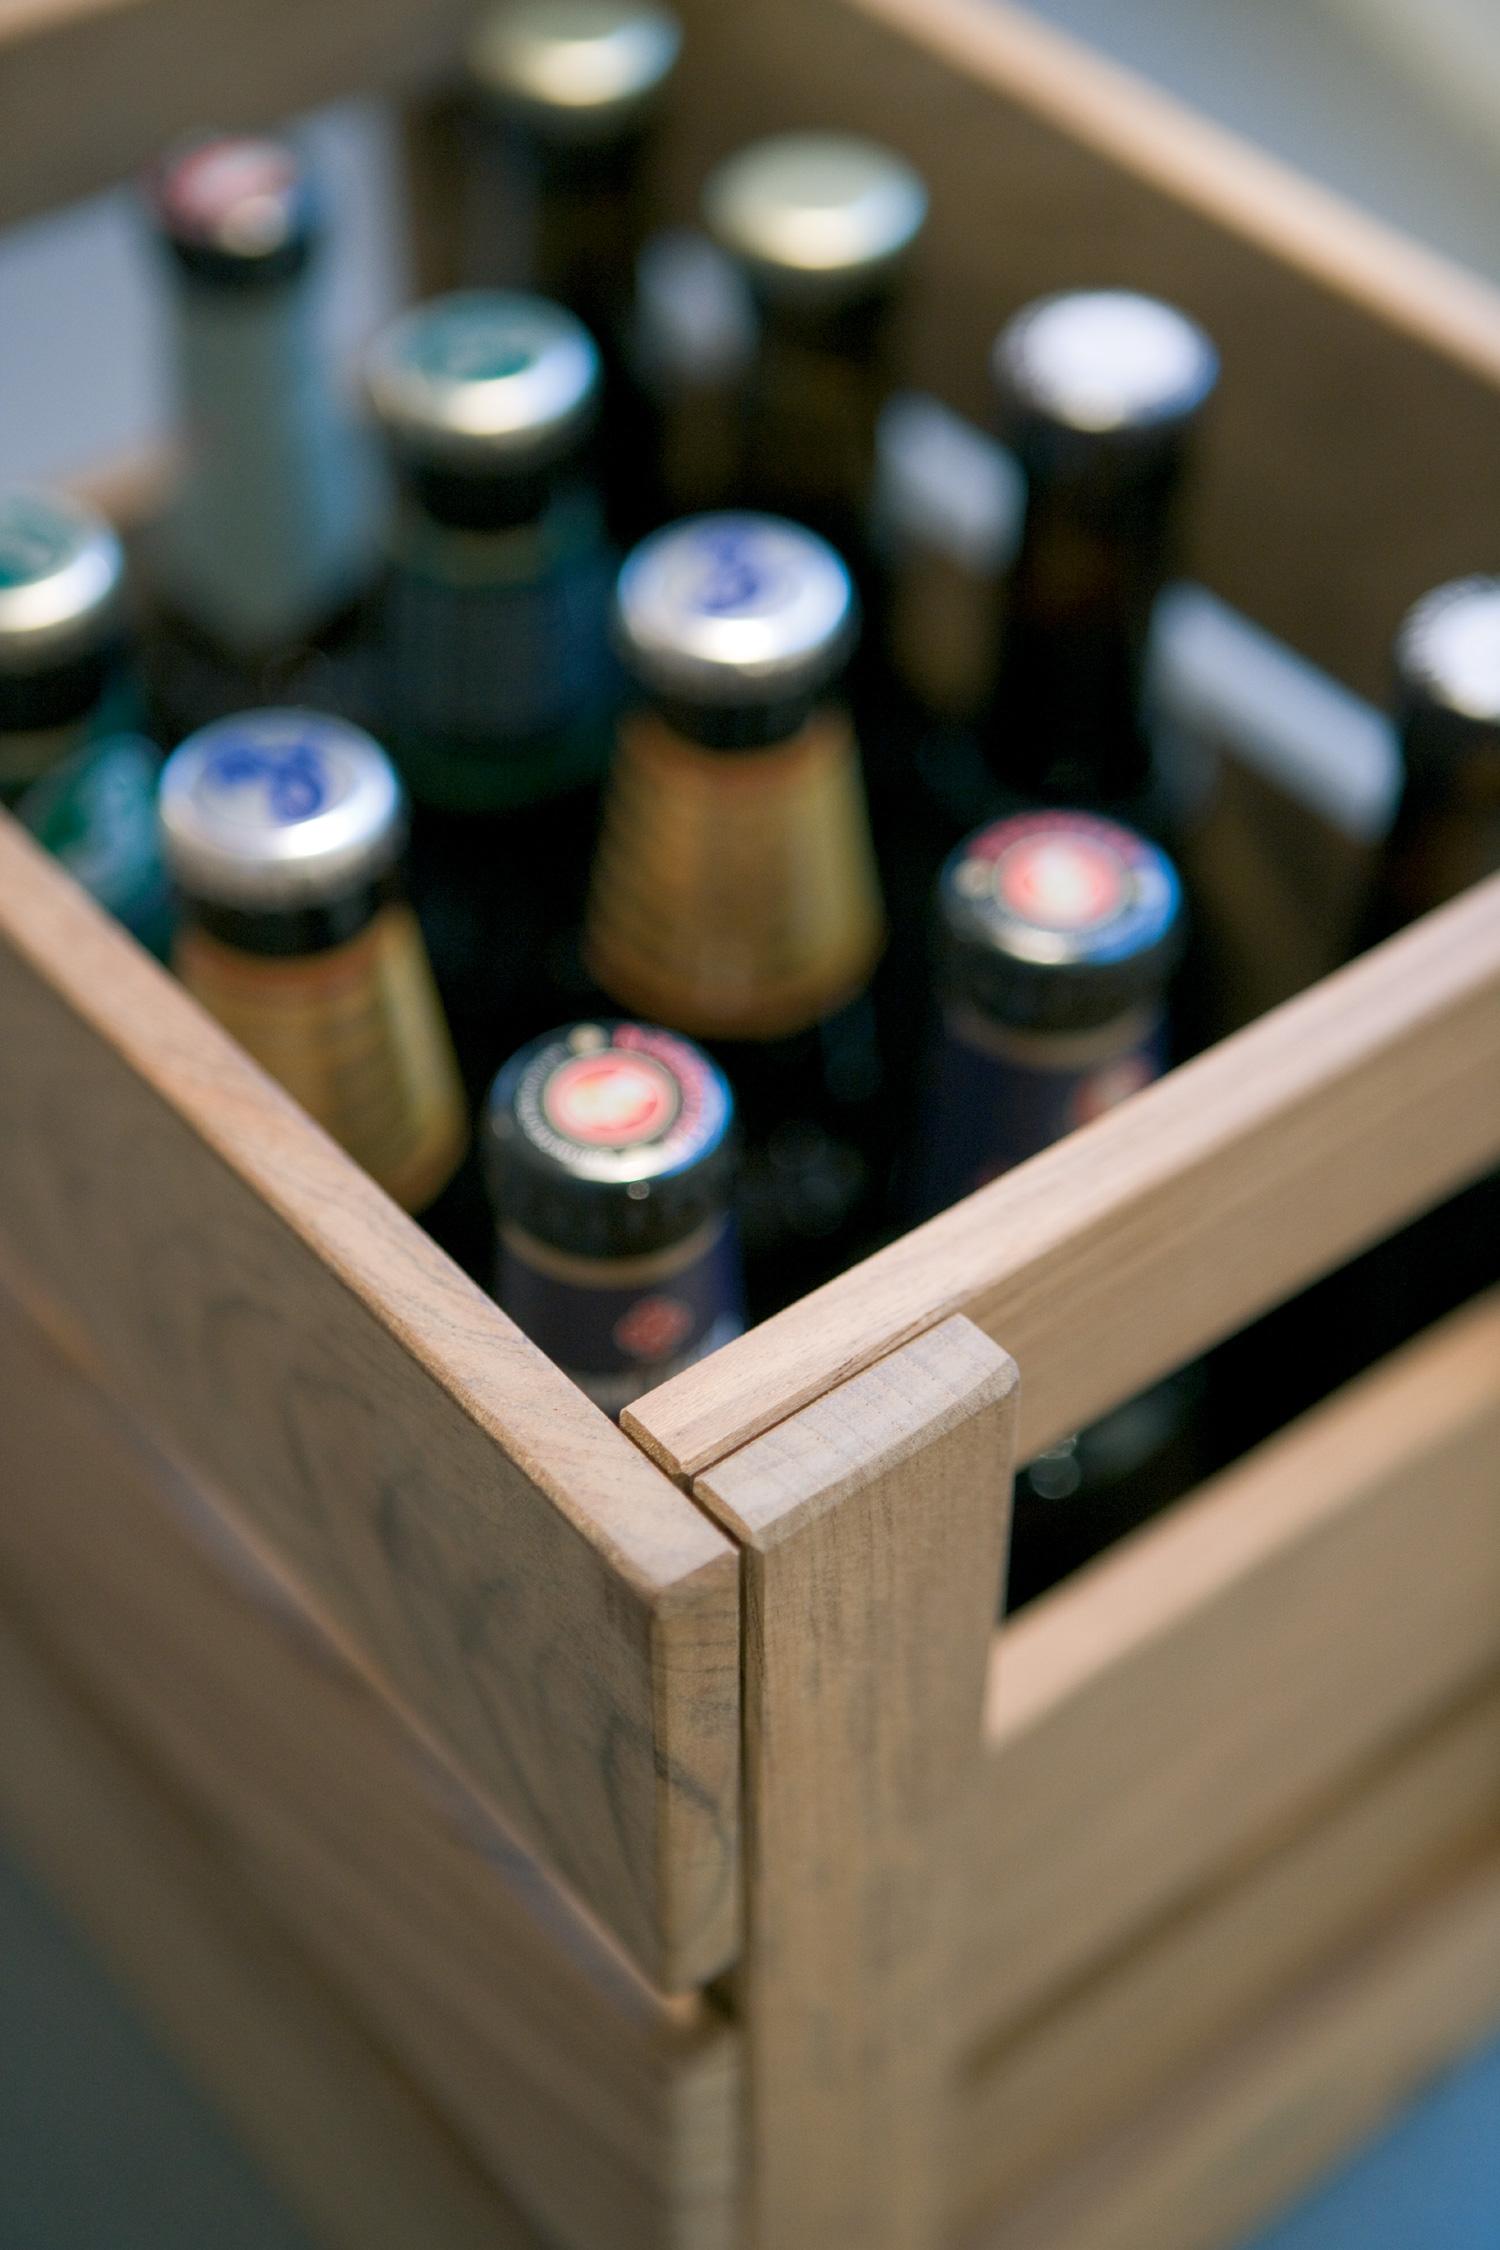 Den klassiske ølkasse er kommet til ære med en eksklusiv udgave fra Trip Trap